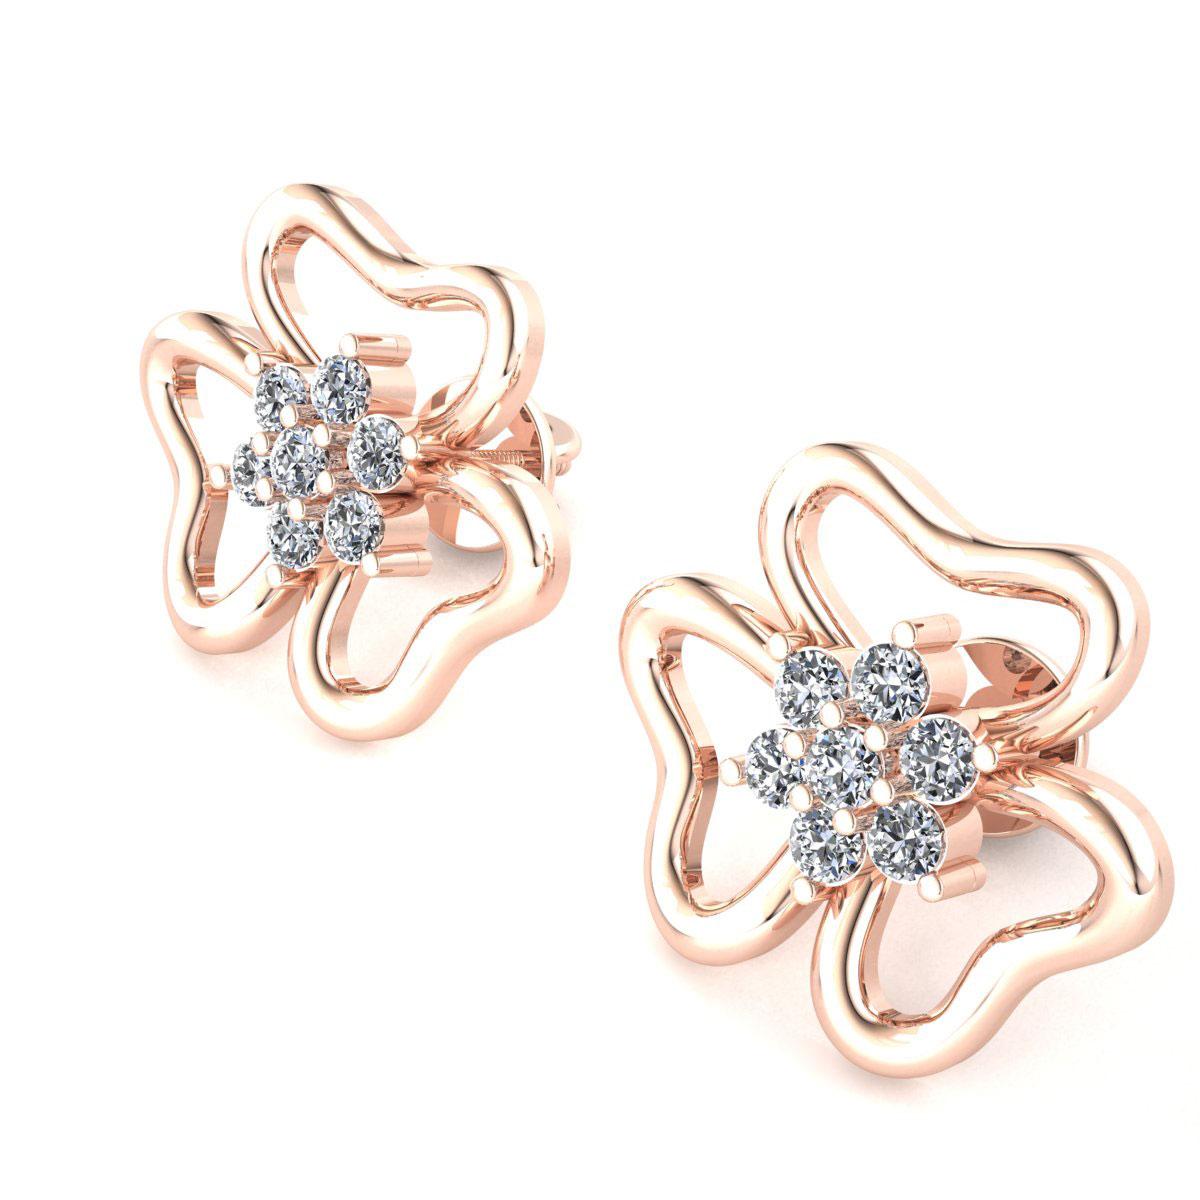 18K Gold Diamond Cluster Stud Earrings 292